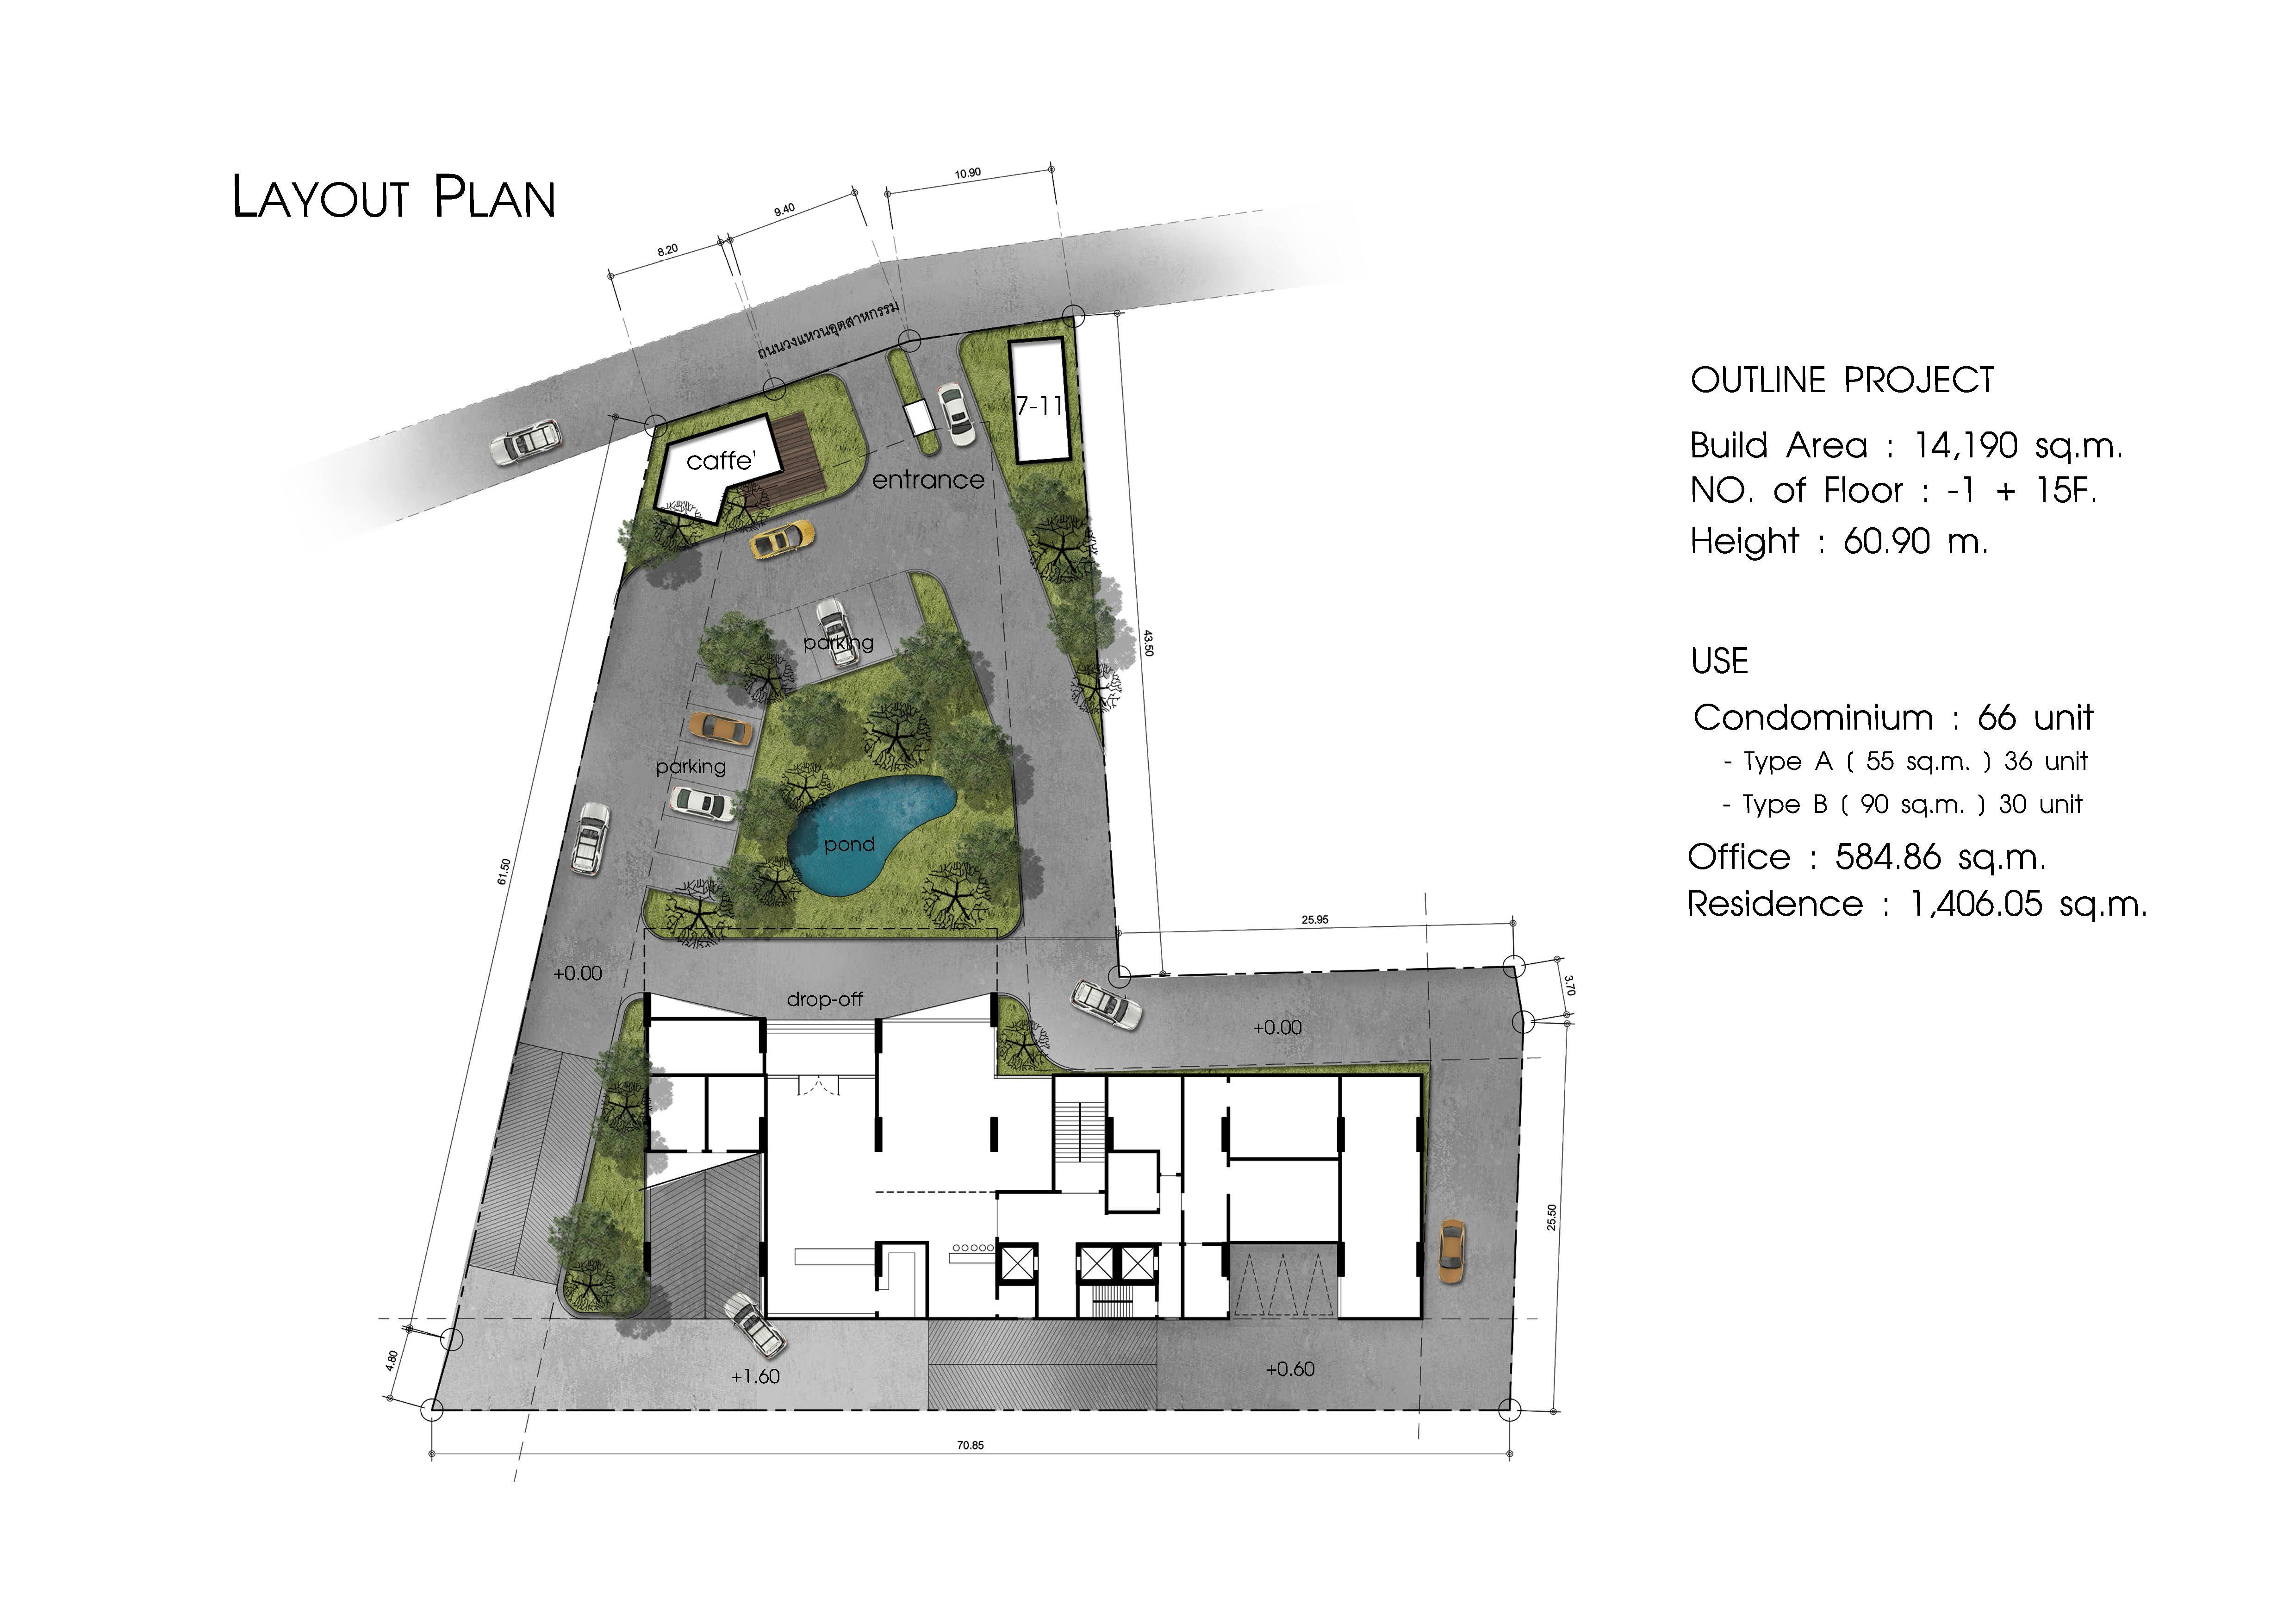 alma-architect Layout